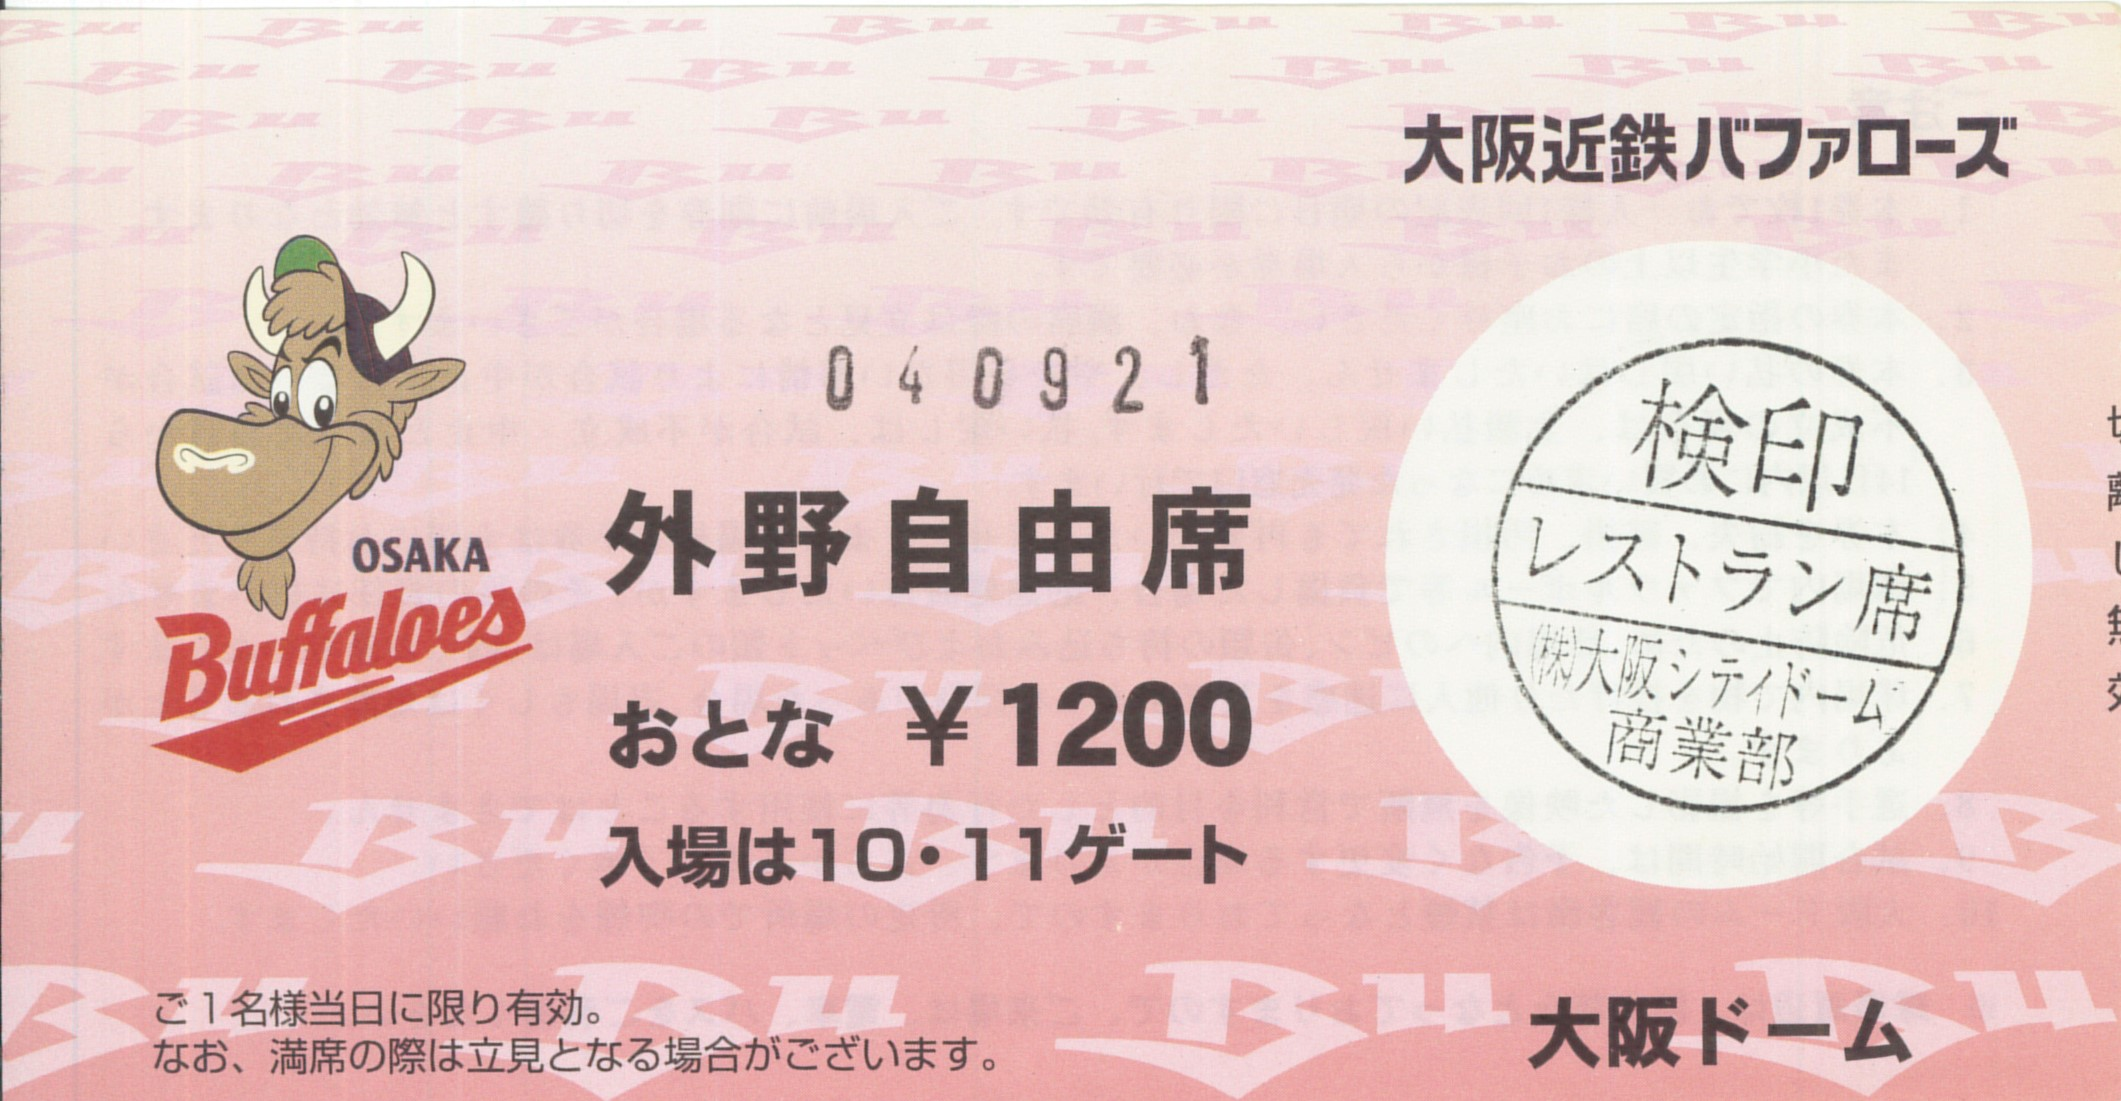 今はなき藤井寺球場 使いまわし可能な常備券が哀愁を誘う